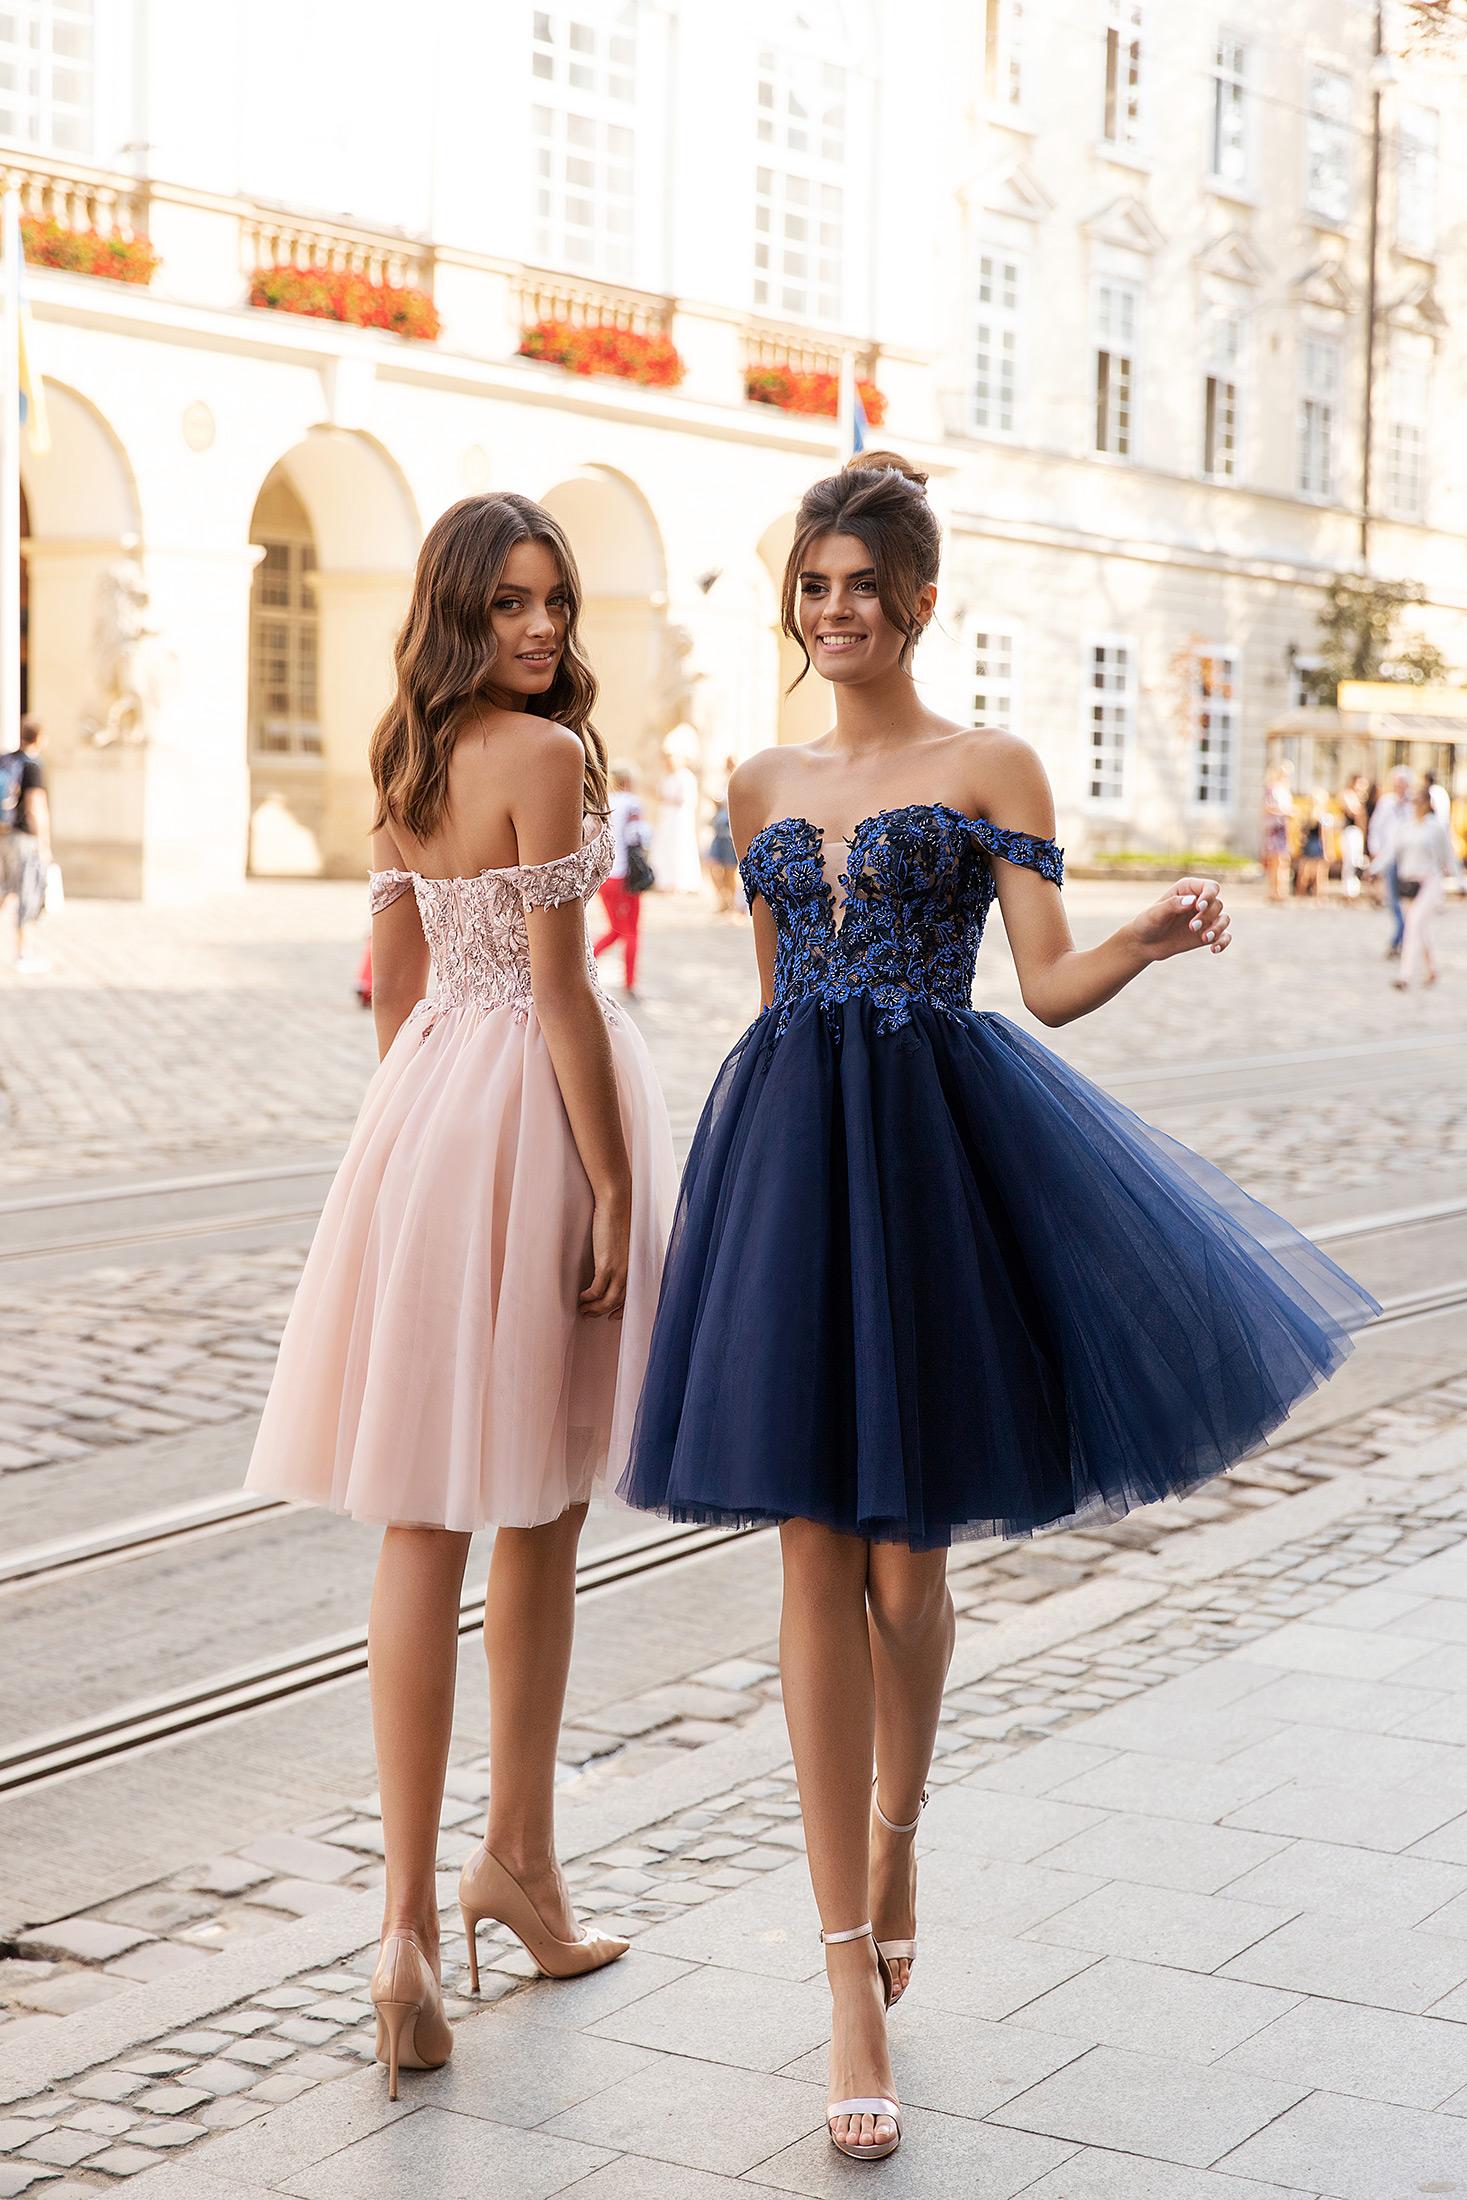 Robes de soirée bleu courte bustier tulle dentelle civil cérémonie cocktail invité